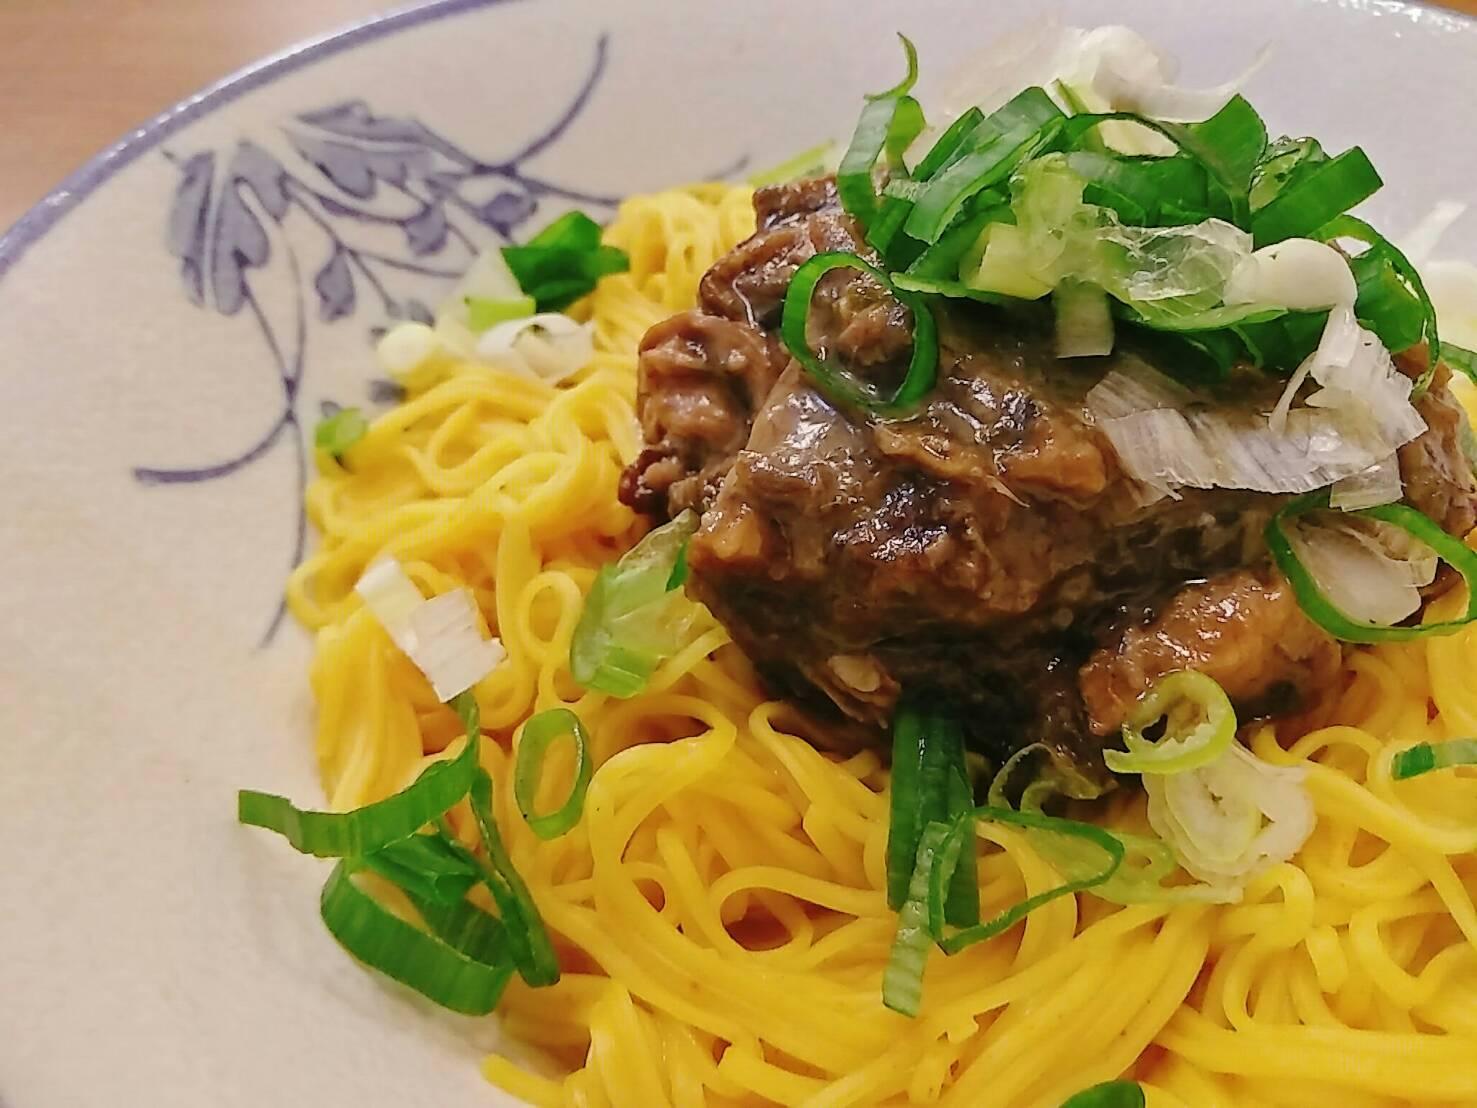 薑黃麵線料理食譜 - 薑黃麵線佐梅乾扣肉 - 1